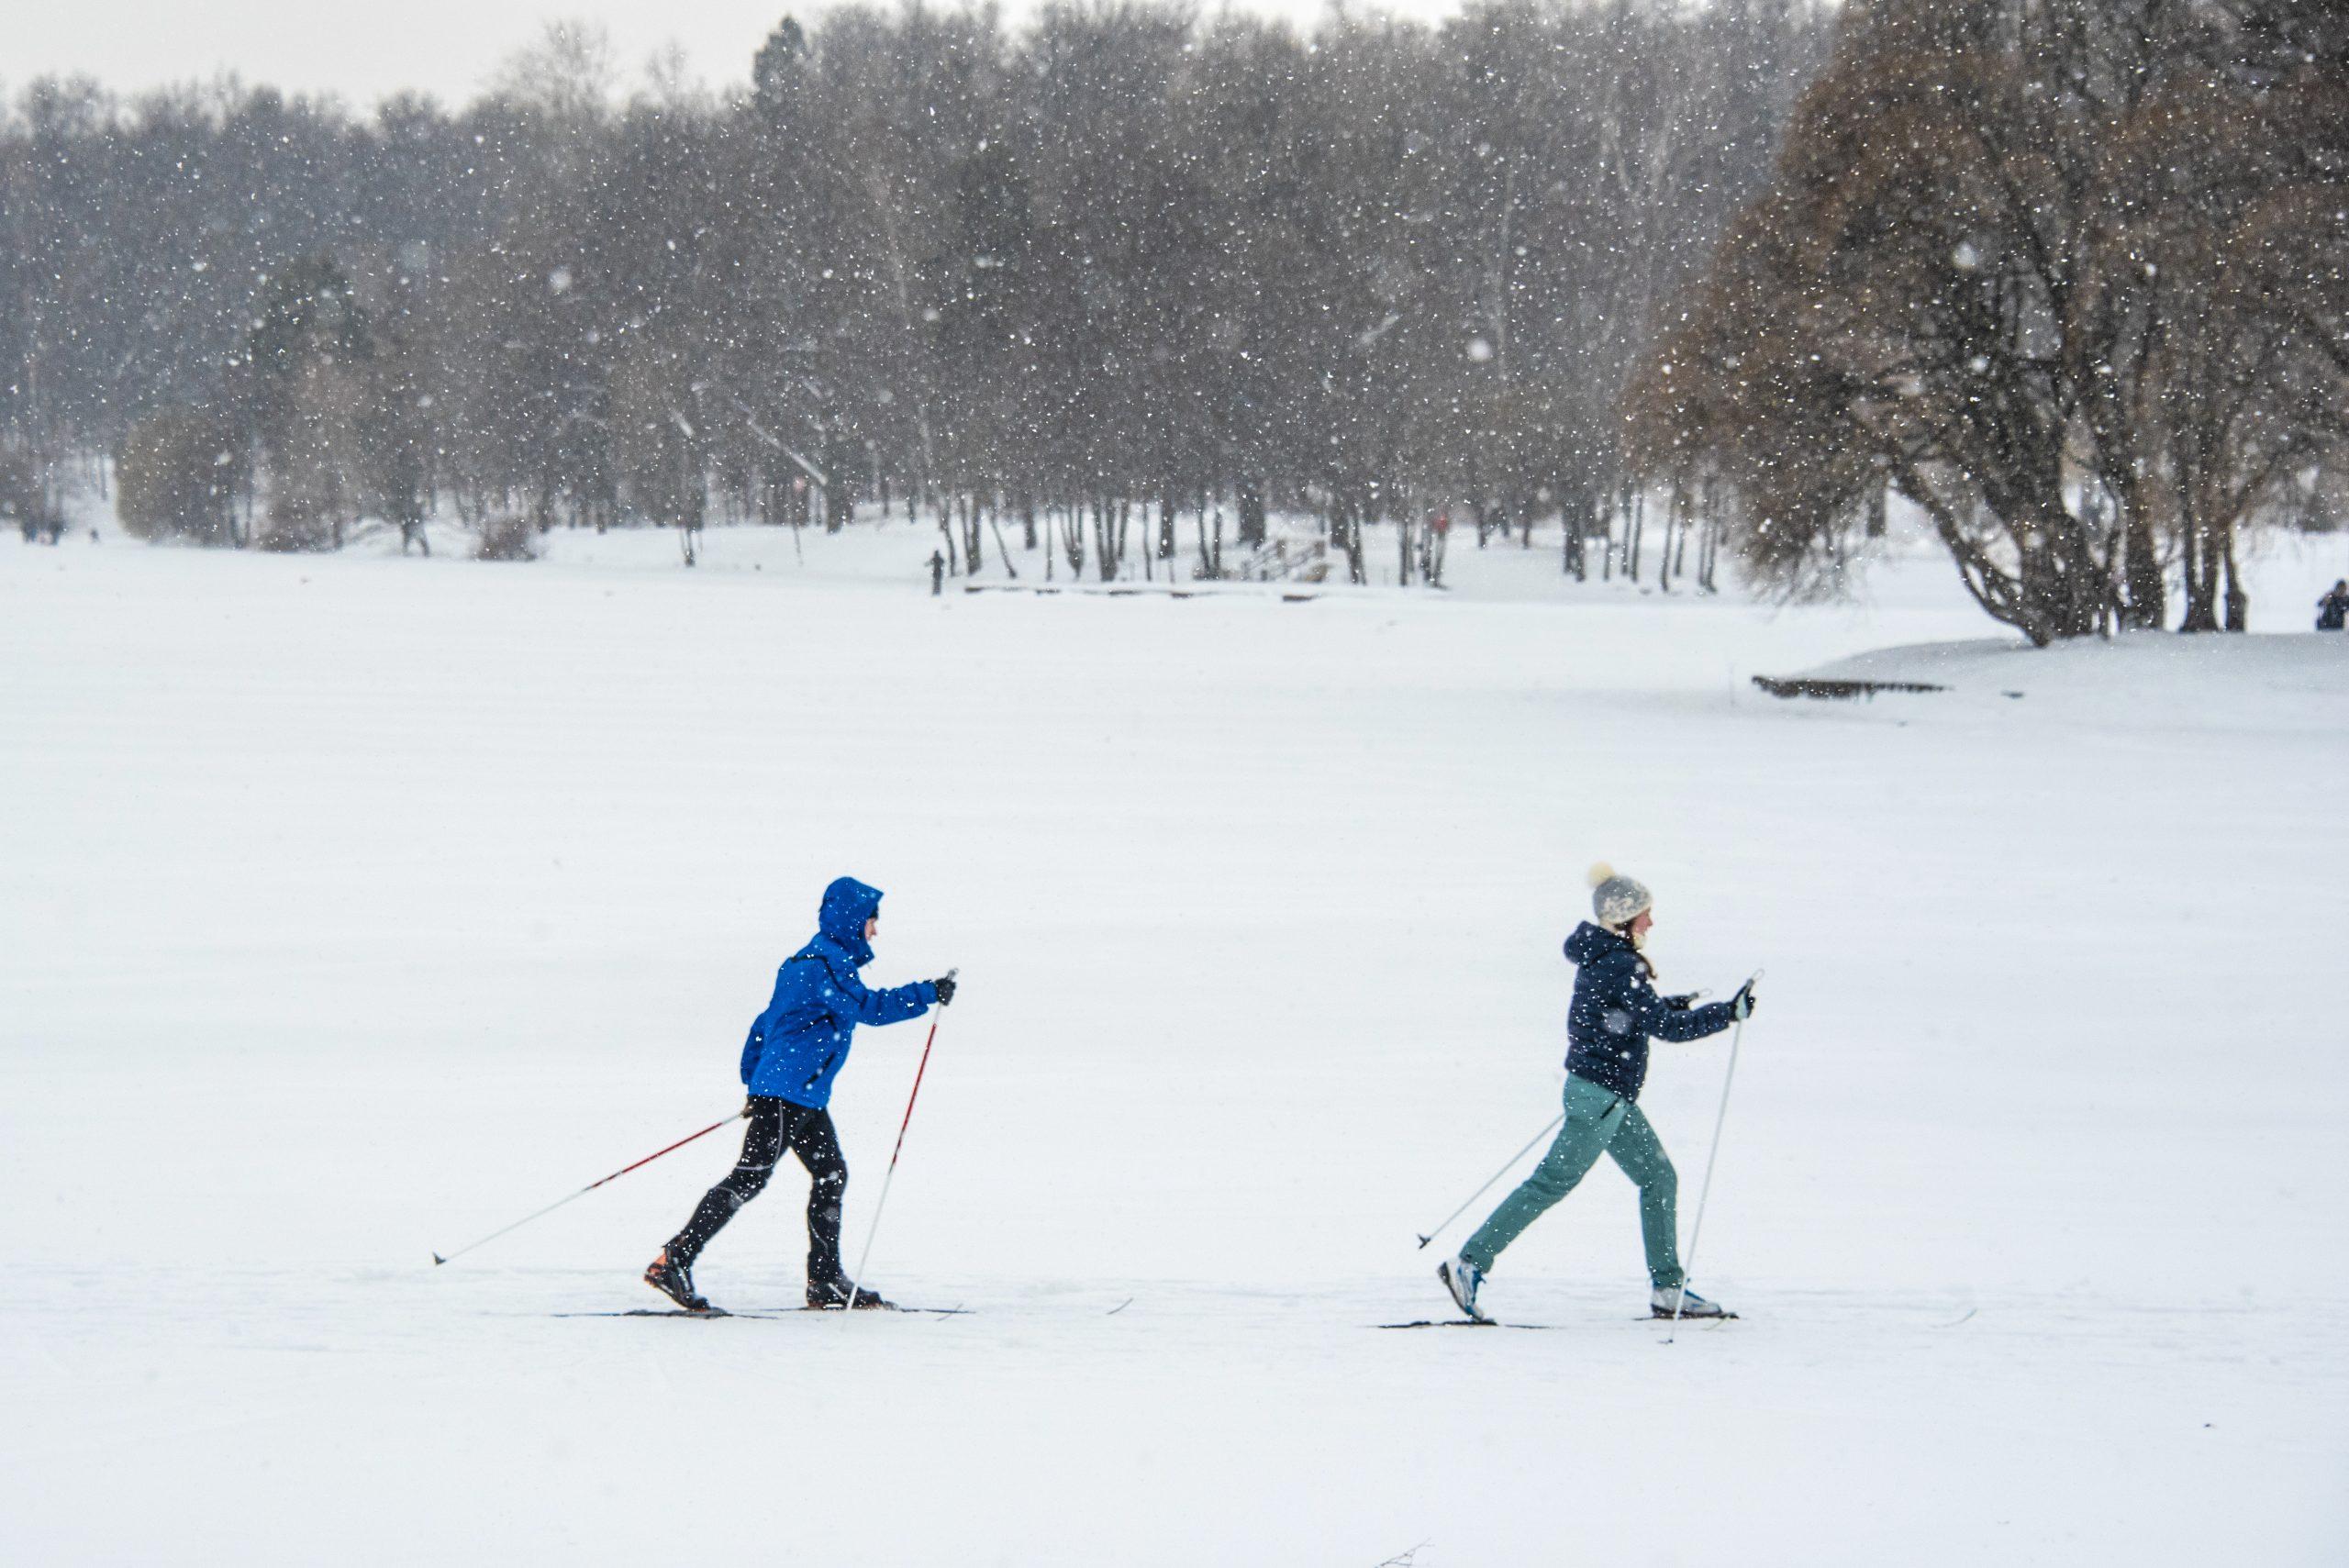 Регистрацию на соревнования «Горячая лыжня» завершили в поселении Кленовское